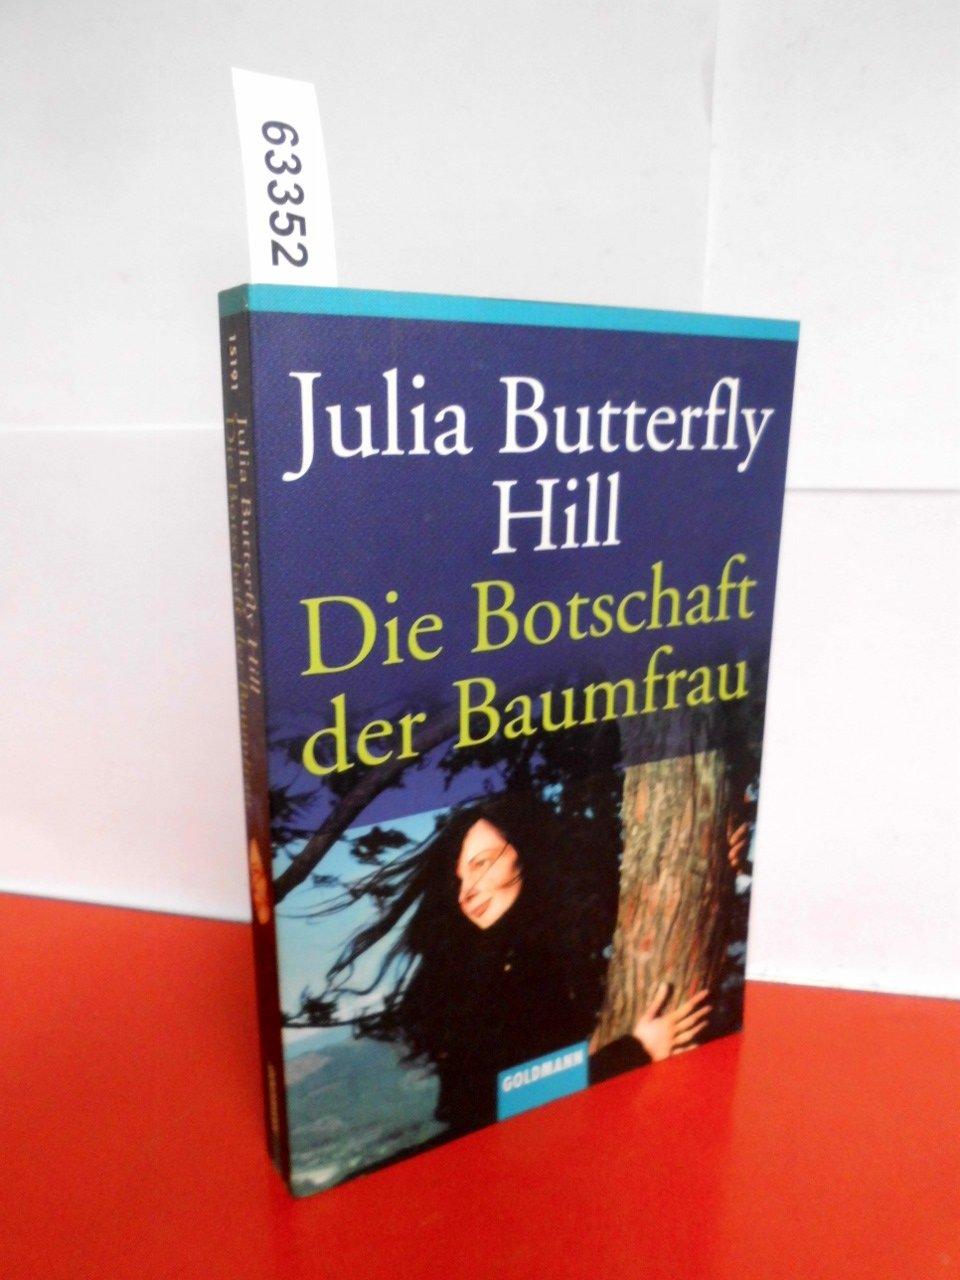 Die Botschaft der Baumfrau Taschenbuch – 2002 Julia Butterfly Hill Gisela Kretzschmar Goldmann Verlag 3442151910